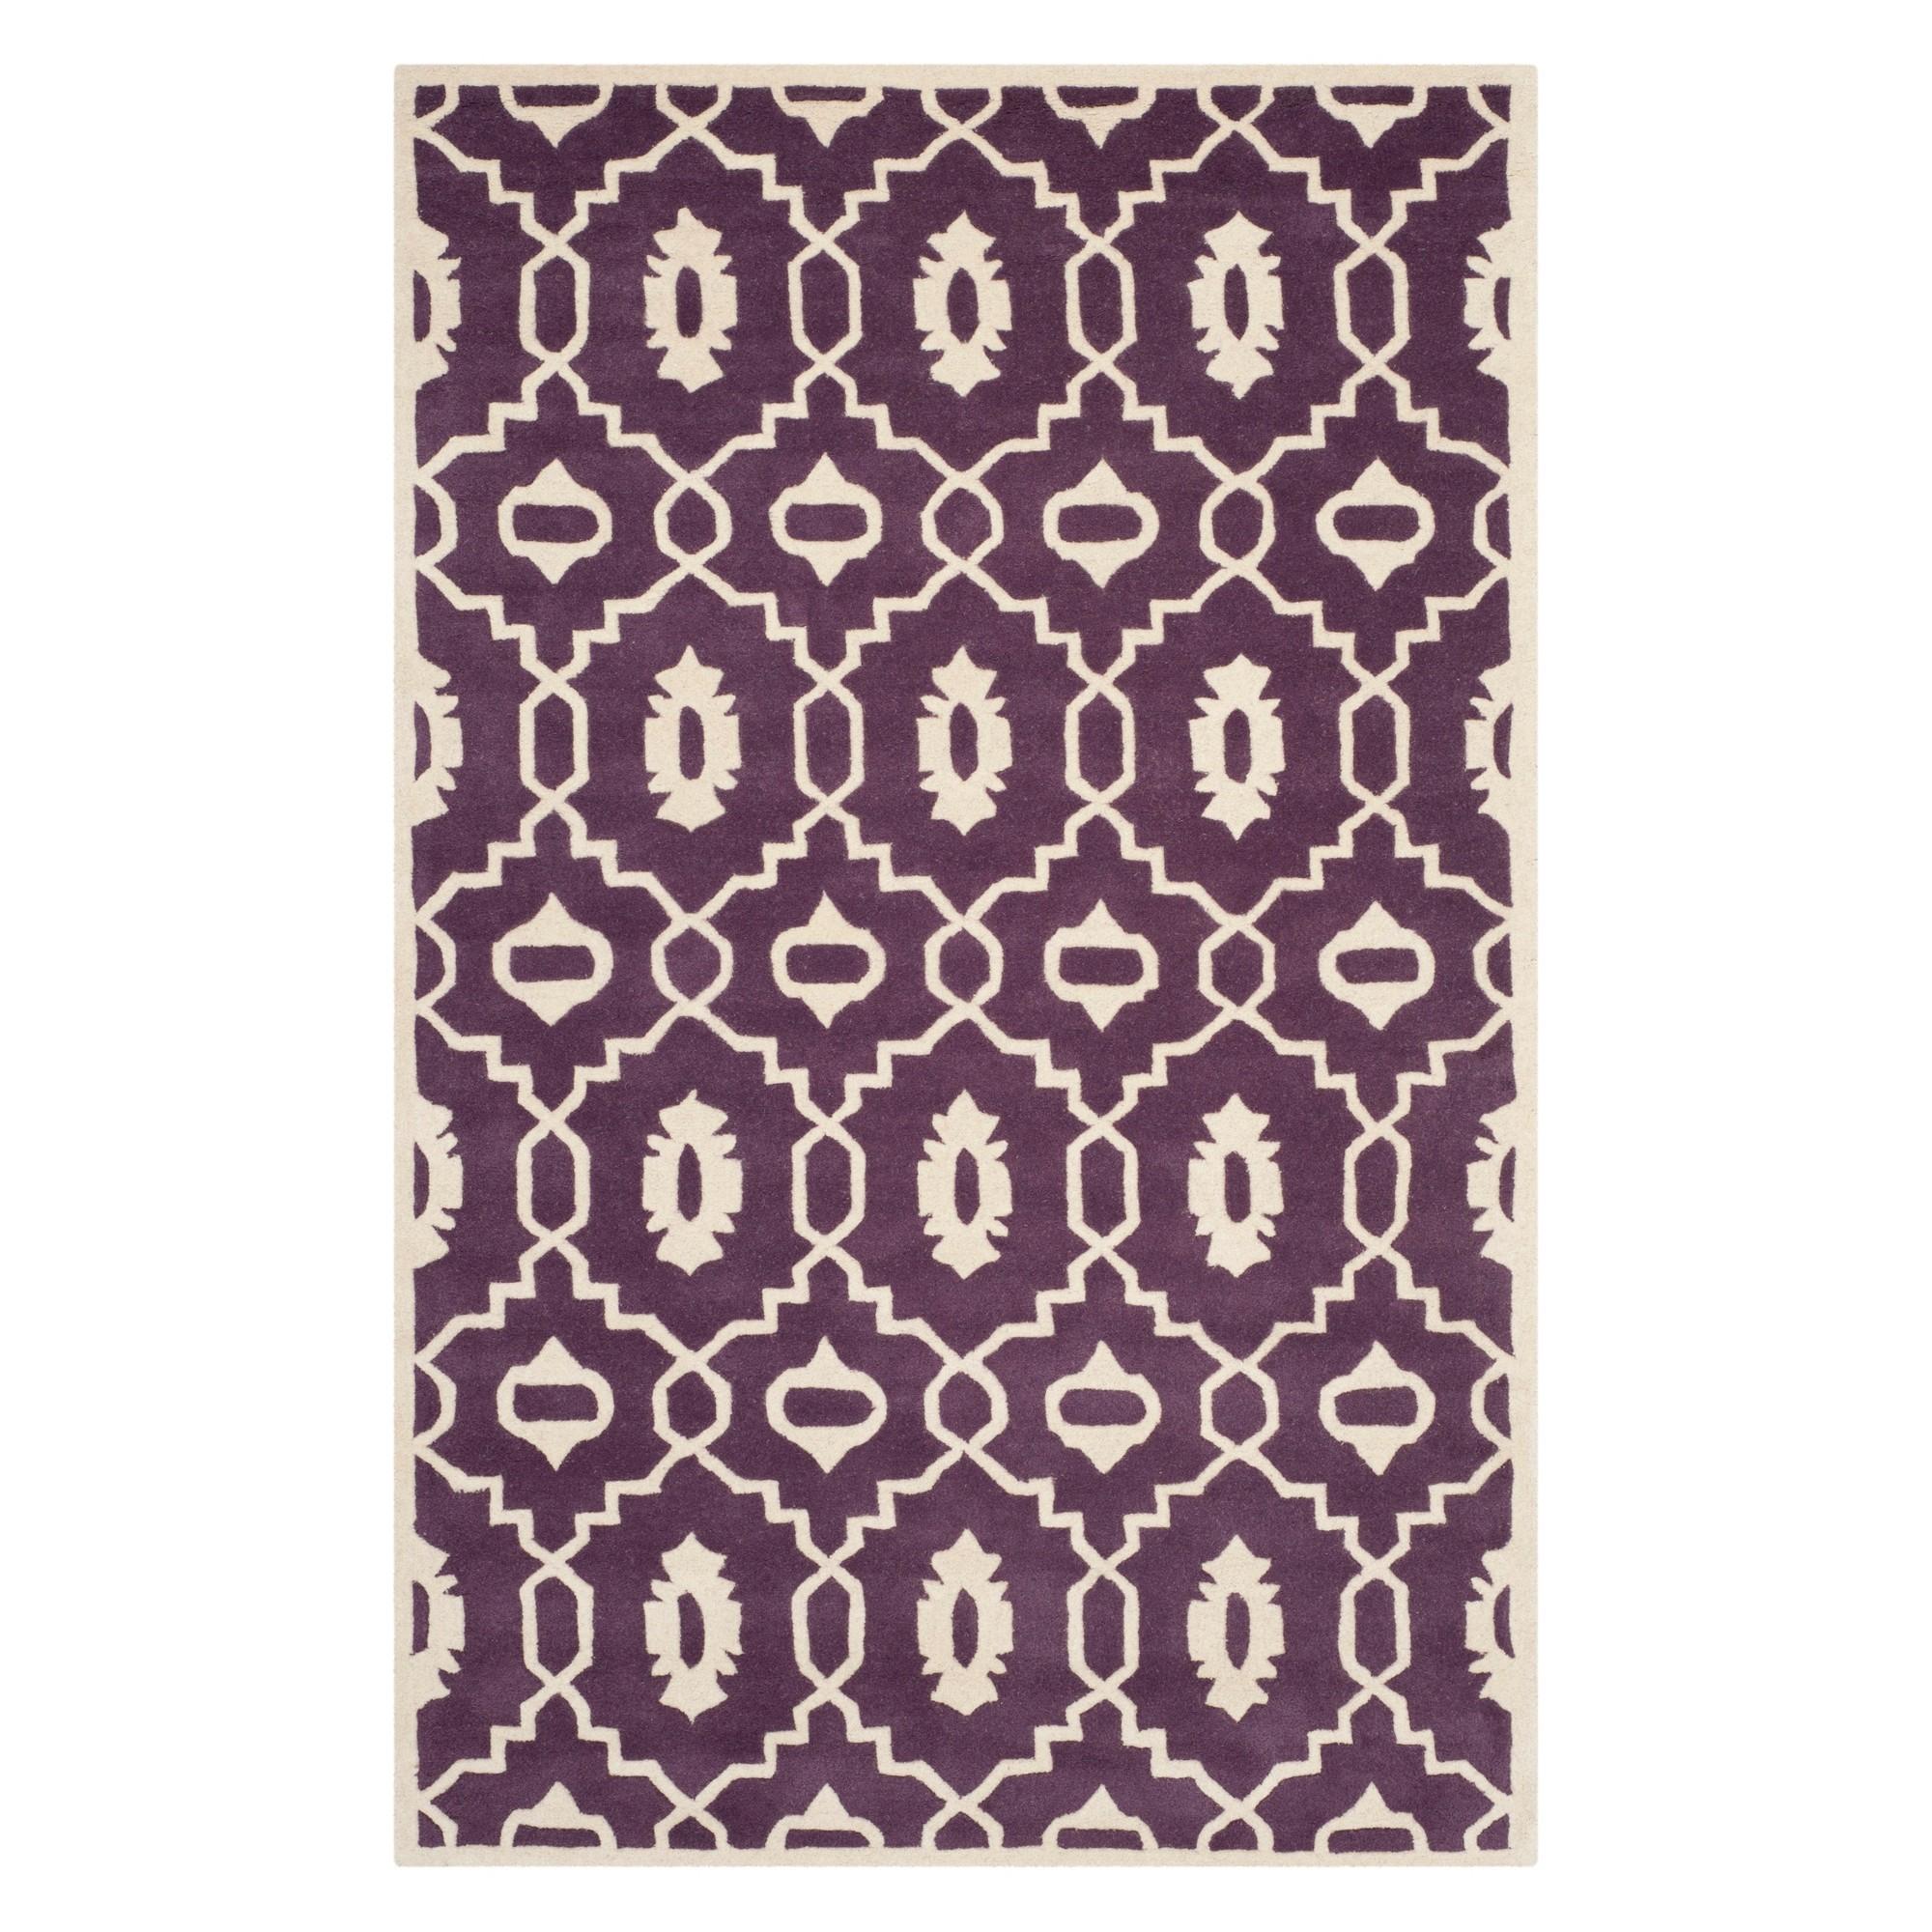 6'X9' Geometric Area Rug Purple/Ivory - Safavieh